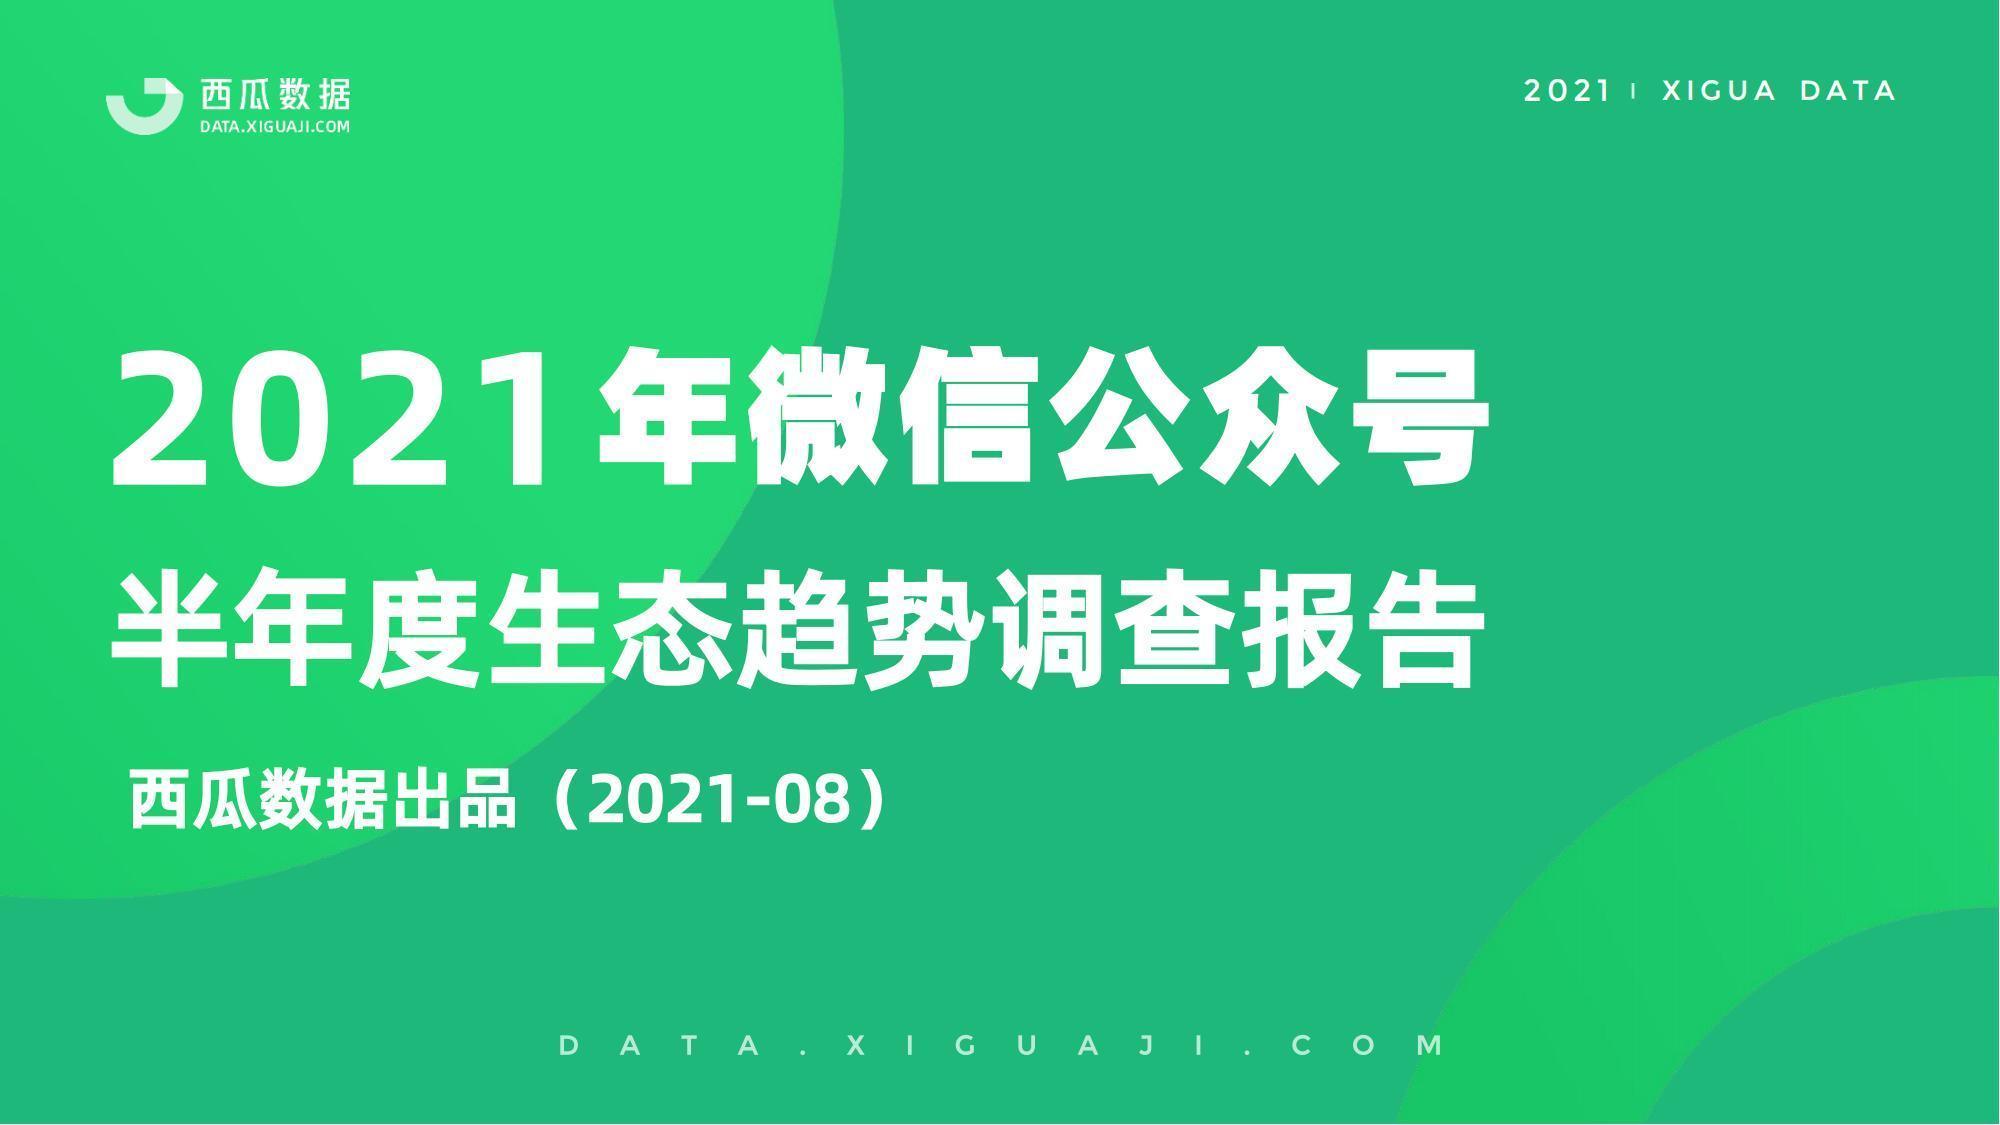 2021年公众号半年度生态趋势调查报告